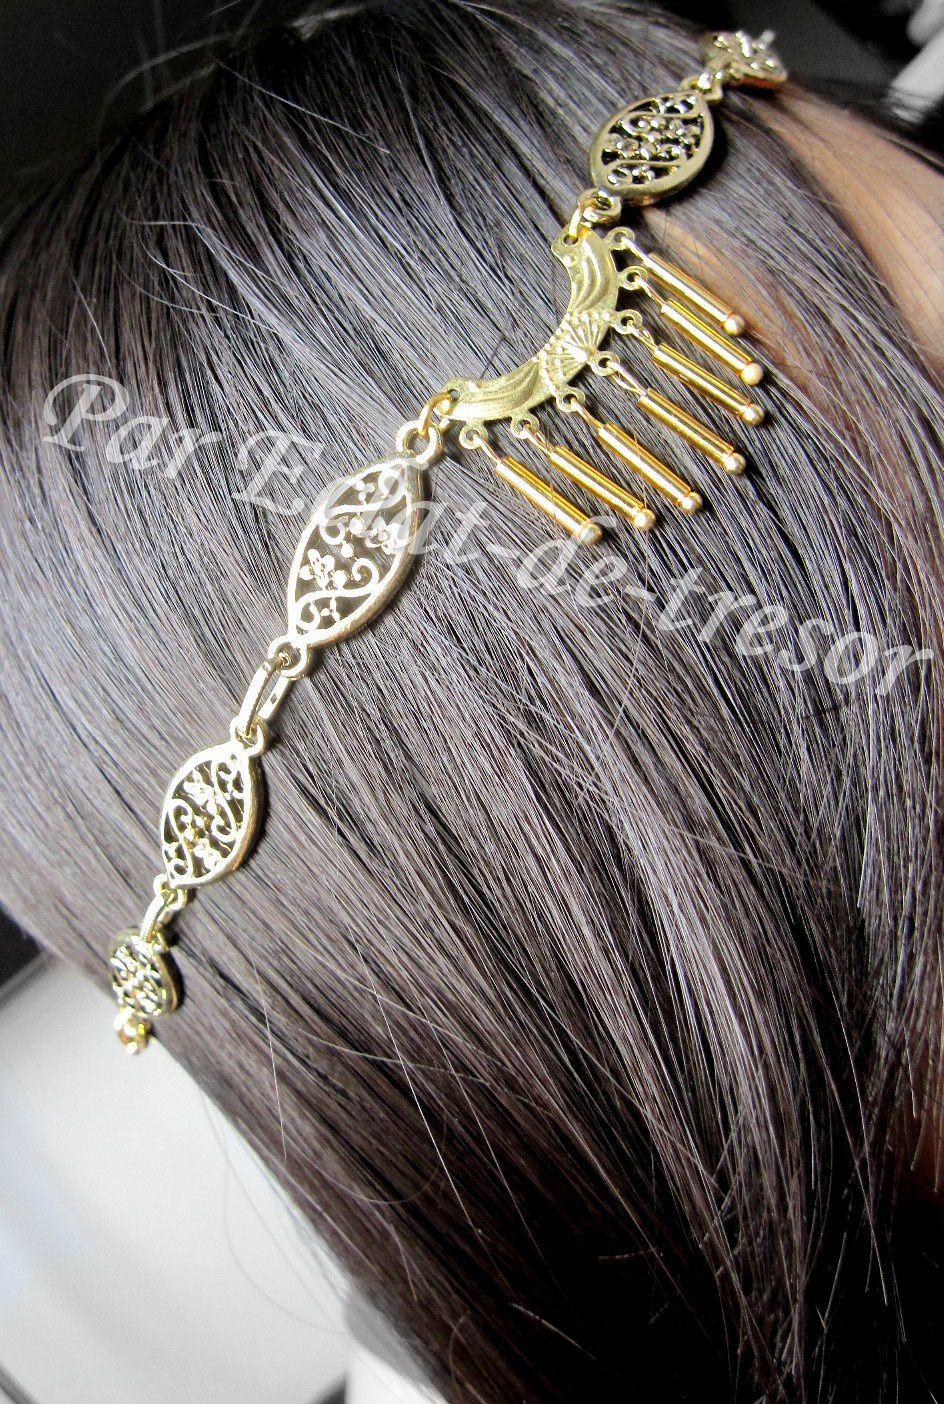 """HEADBAND COLLECTION DORÉ """"REINE"""" - Ce headband fera de vous la plus belle grâce à une chaîne formée de médaillons représentant des fleurs (en alliage de très belle qualité, finition dorée). Au centre des médaillons, un bijou au bout duquel pendent des tubes dorés vient ajouter un style à ce headband. Ce bijou de tête est conçu de façon à s'adapter à tout le monde grâce à son élastique (doré).  Longueur : 53,5cm (adaptable). [VENDU]"""